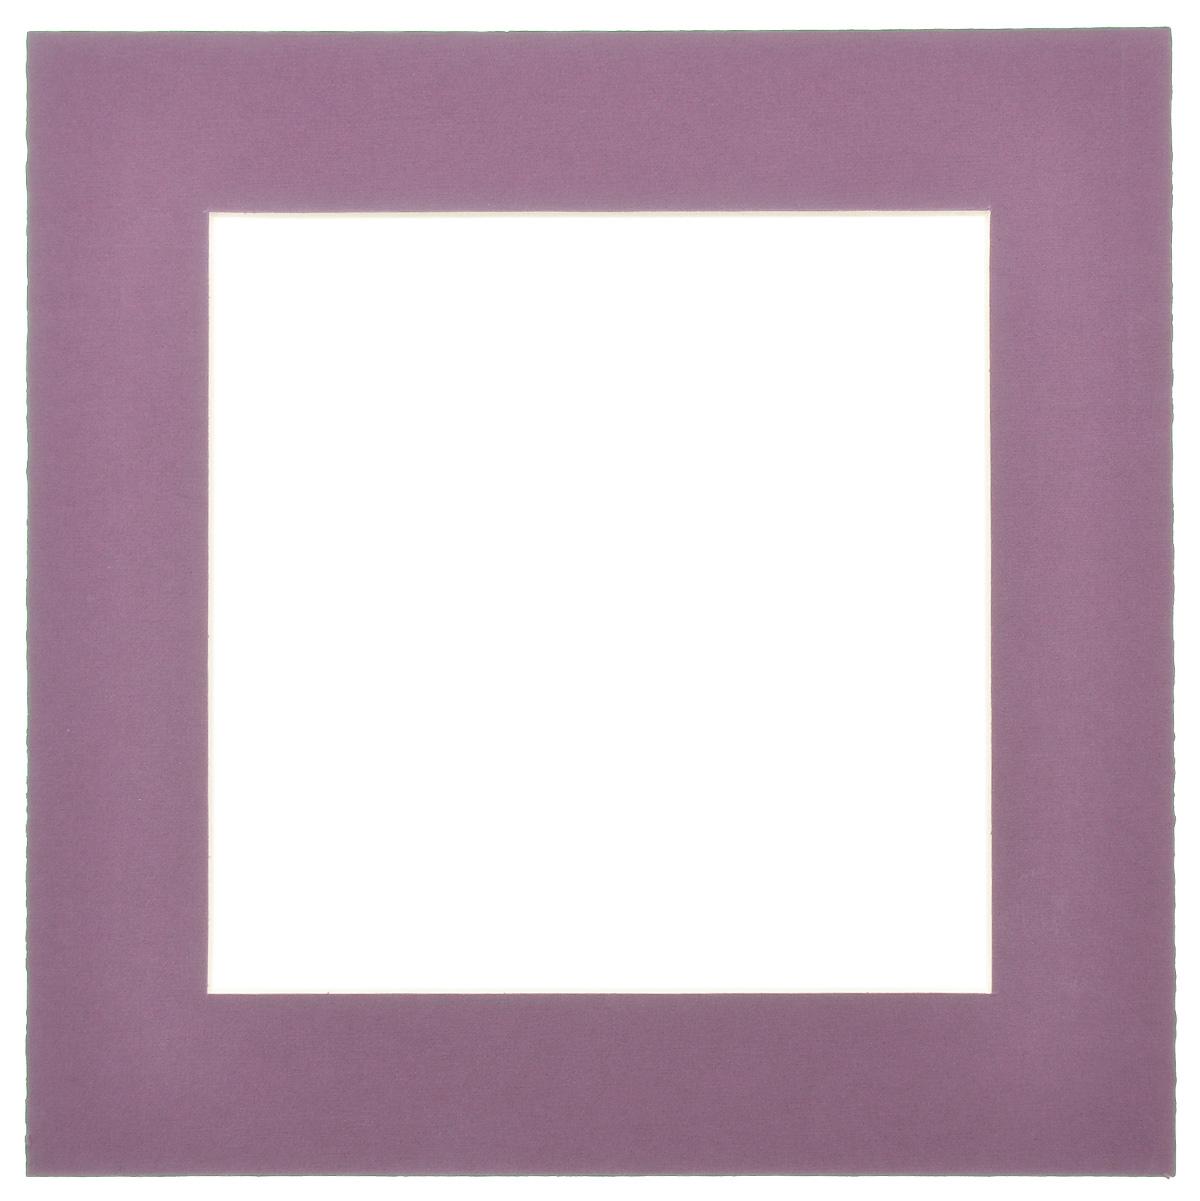 Паспарту Василиса, цвет: темно-фиолетовый, 17 см х 17 см580646Паспарту Василиса, изготовленное из плотного картона, предназначено для оформления художественных работ и фотографий. Оно располагается между багетной рамой и изображением, делая акцент на фотографии, усиливая ее визуальное восприятие. Кроме того, на паспарту часто располагают поясняющие подписи, автограф изображенного. Внешний размер: 25 см х 25 см. Внутренний размер: 17 см х 17 см.